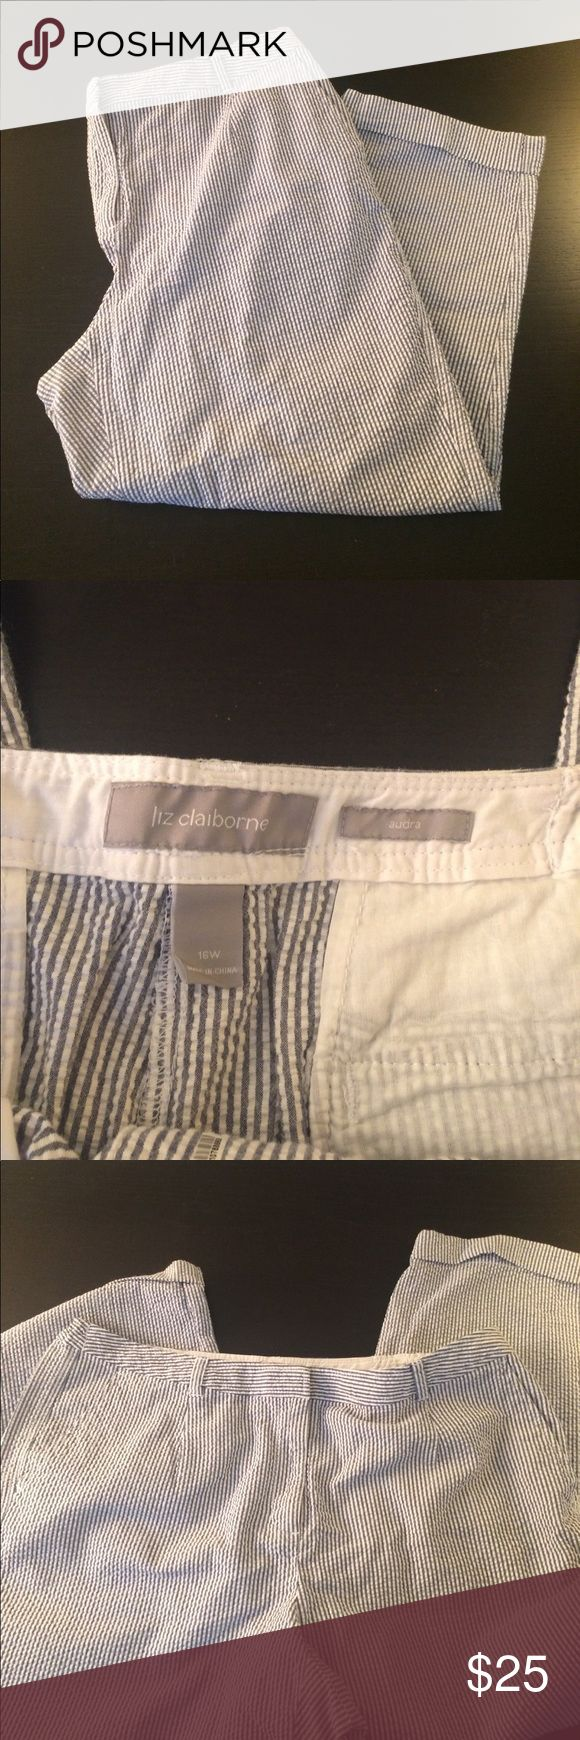 Liz Claiborne Seersucker pants Soft and light seersucker pants from Liz Claiborne Liz Claiborne Pants Trousers